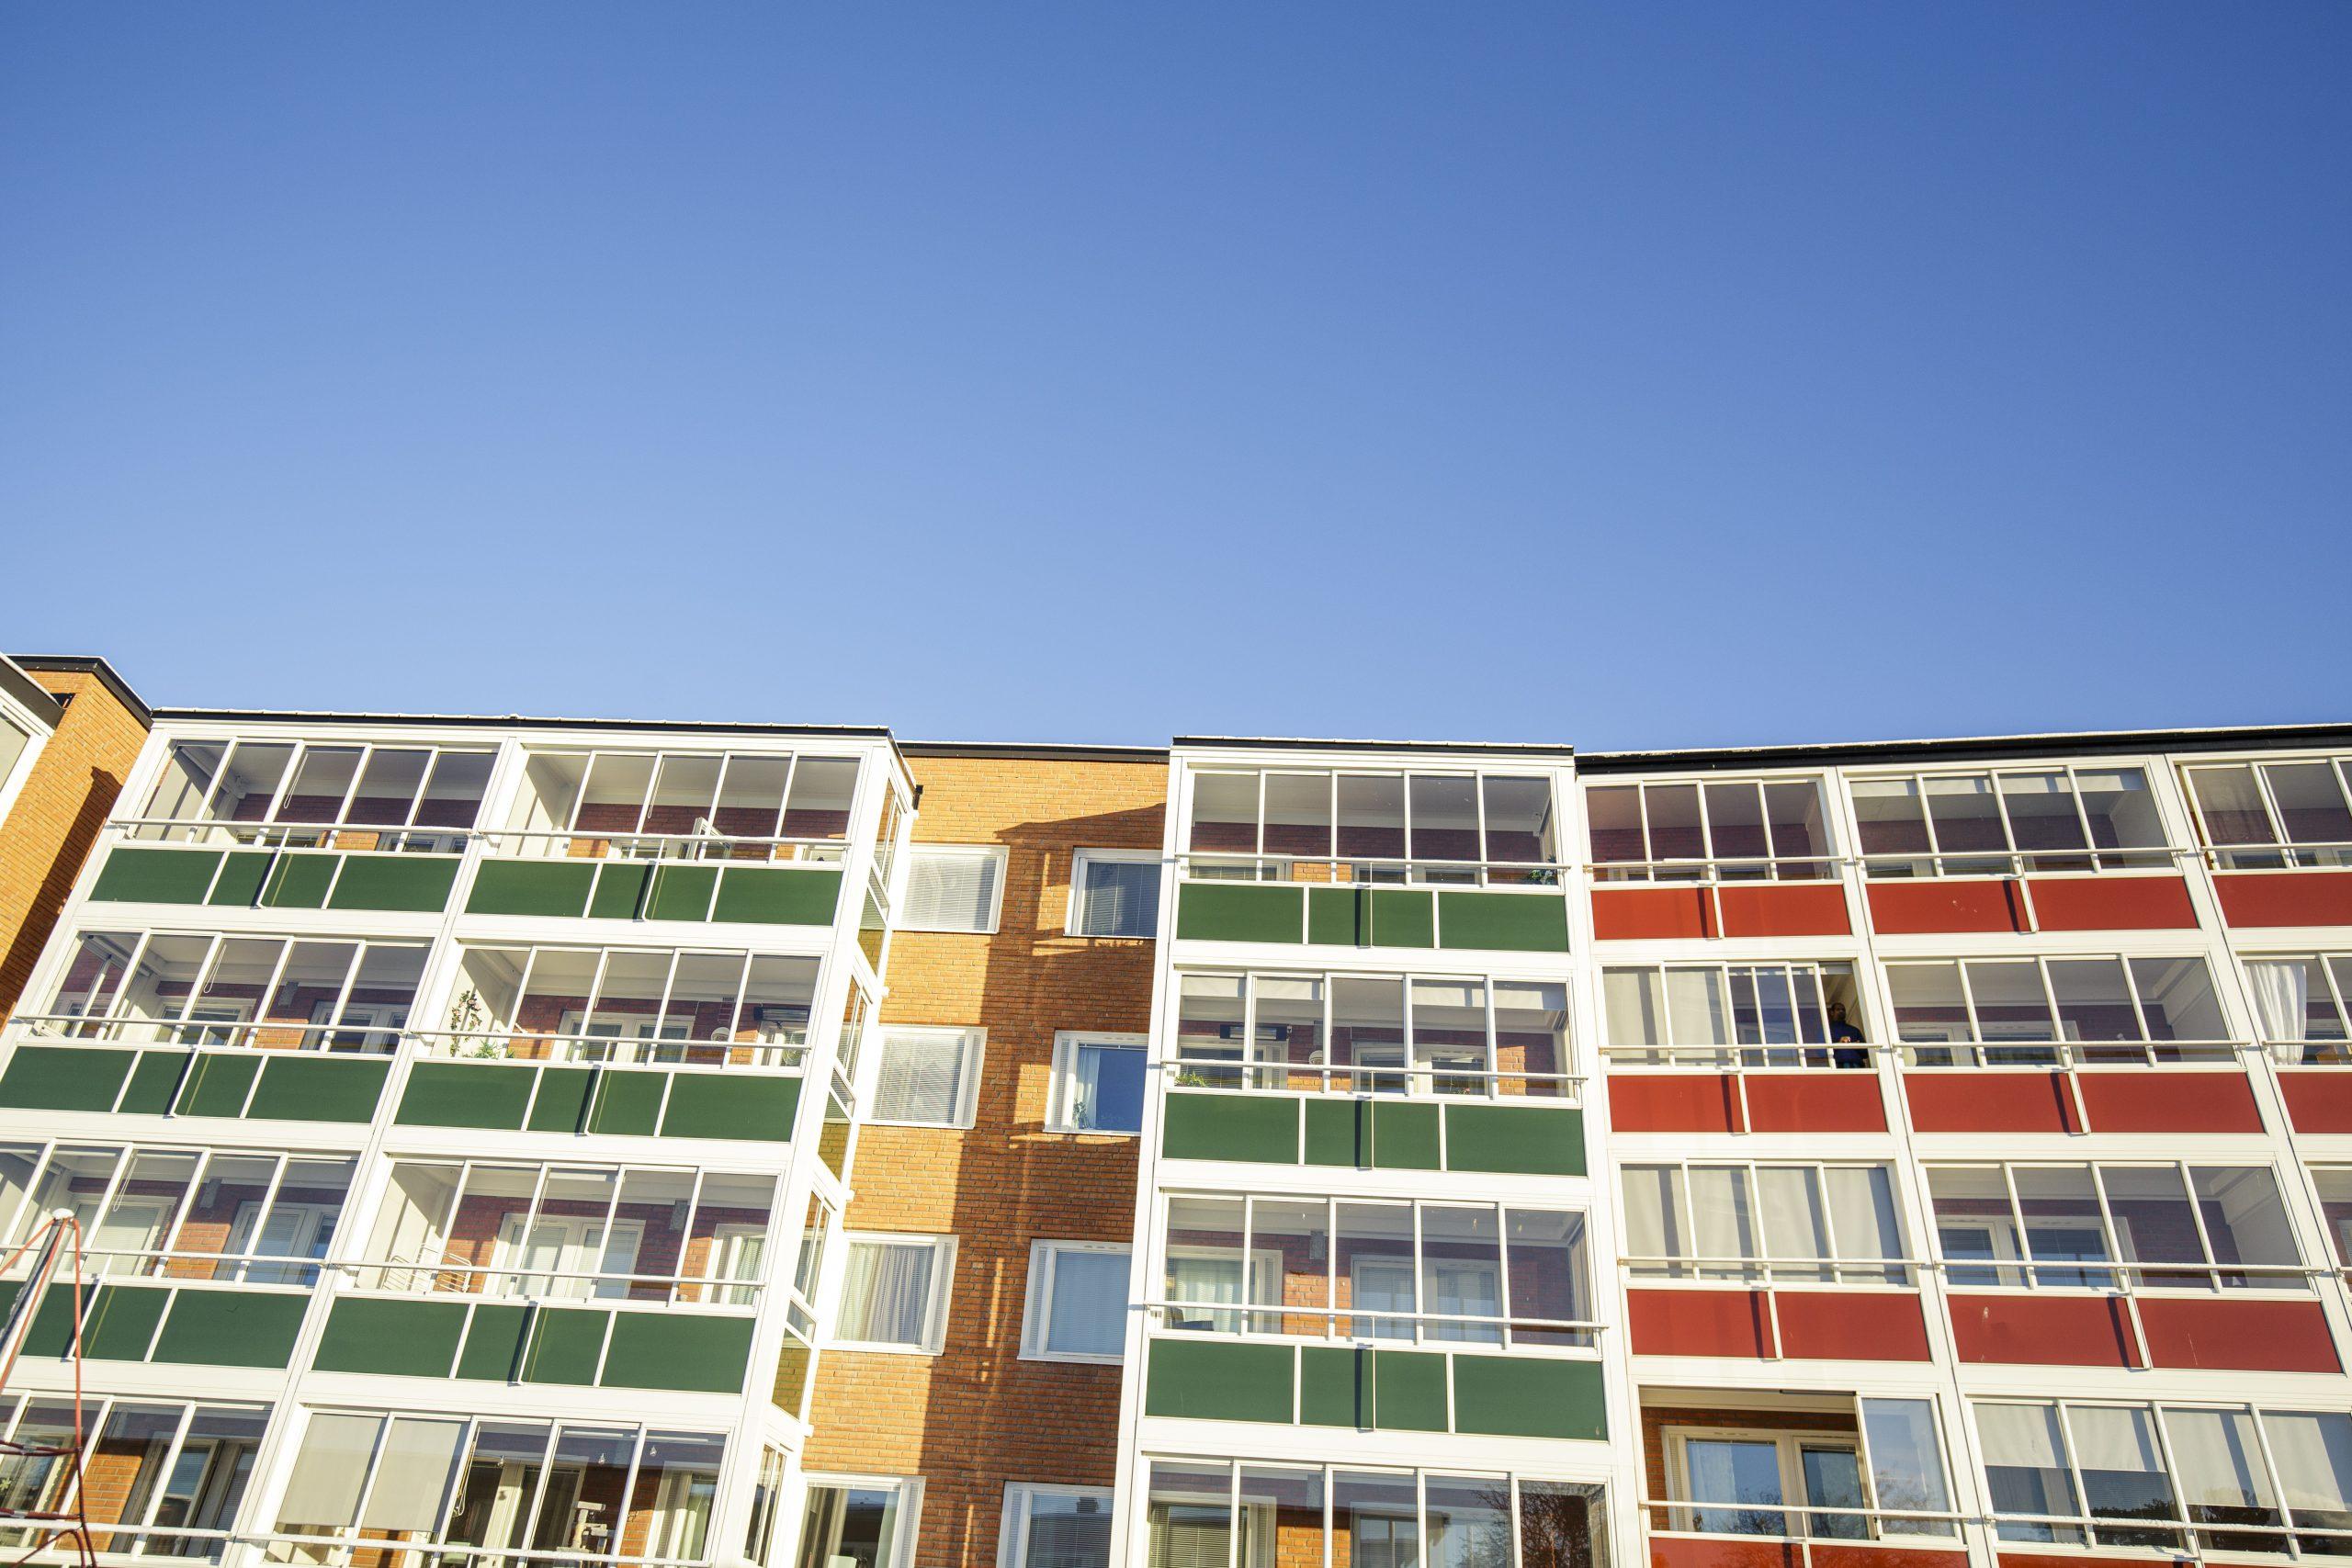 Lägenhetshus med inglasade gröna och röda balkonger, ses nedifrån. Det är soligt och ovanför husen syns en blå himmel.